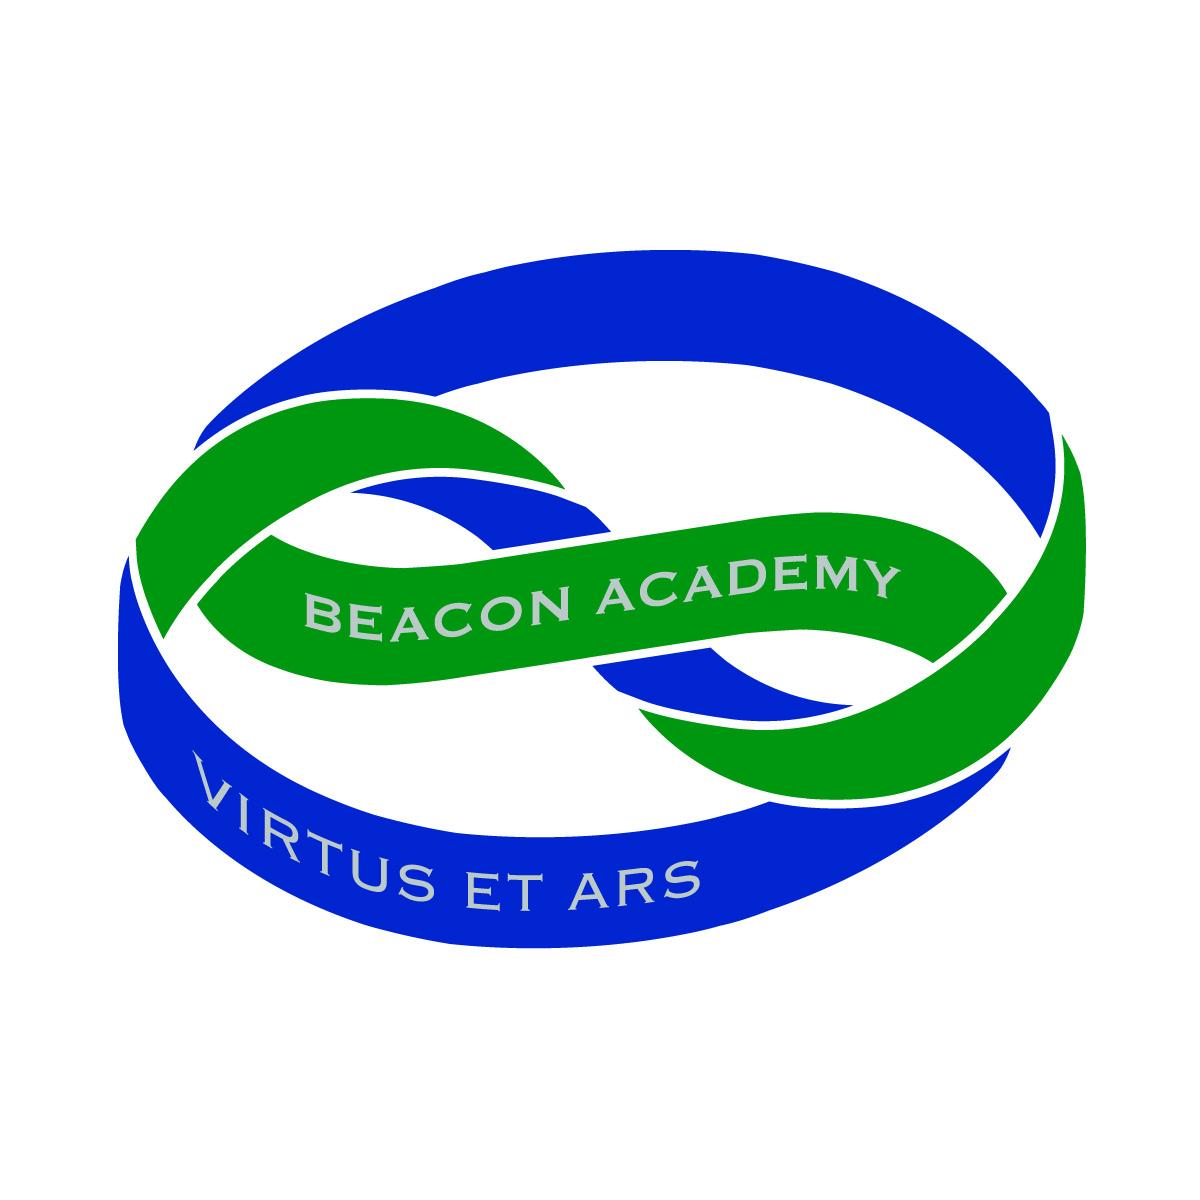 Beacon Academy (2).jpg